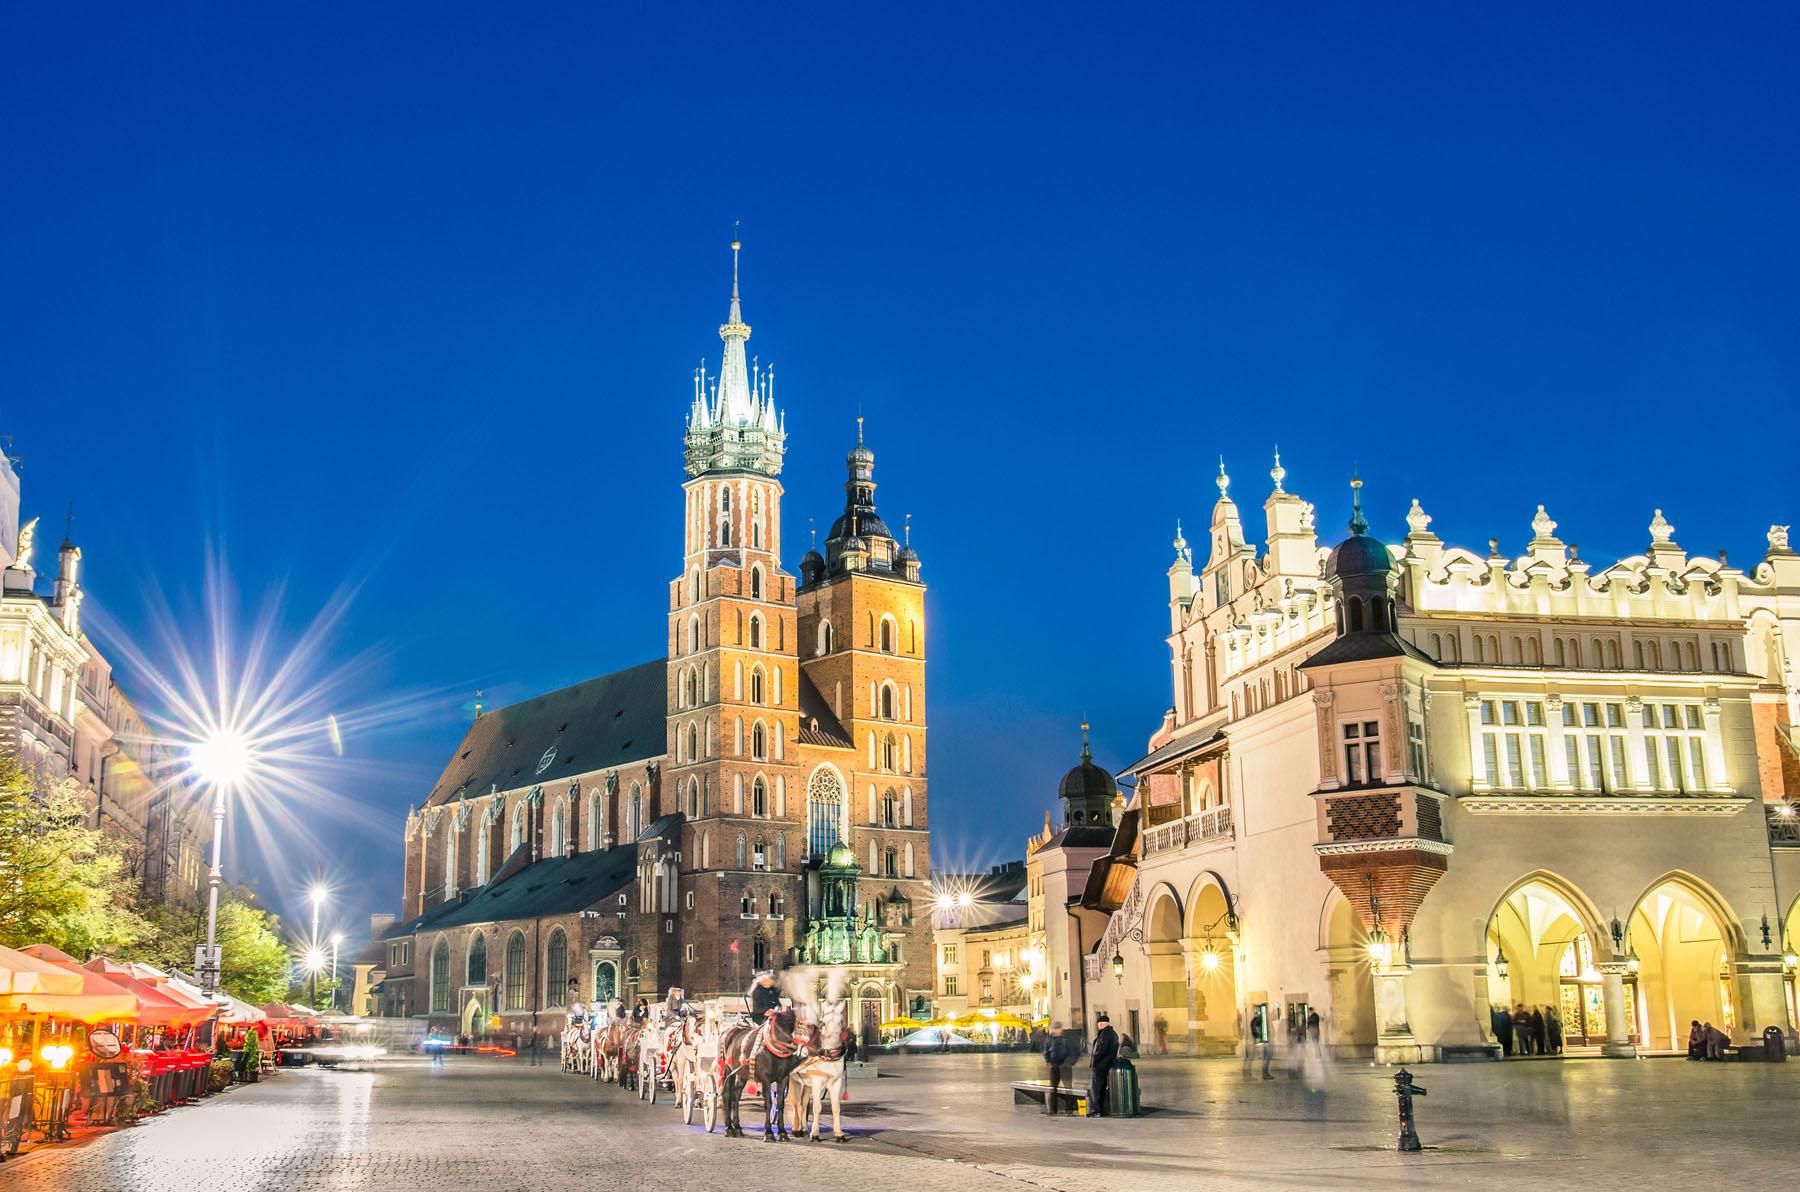 Poland-Krakow-Rynek Glowny_177158264